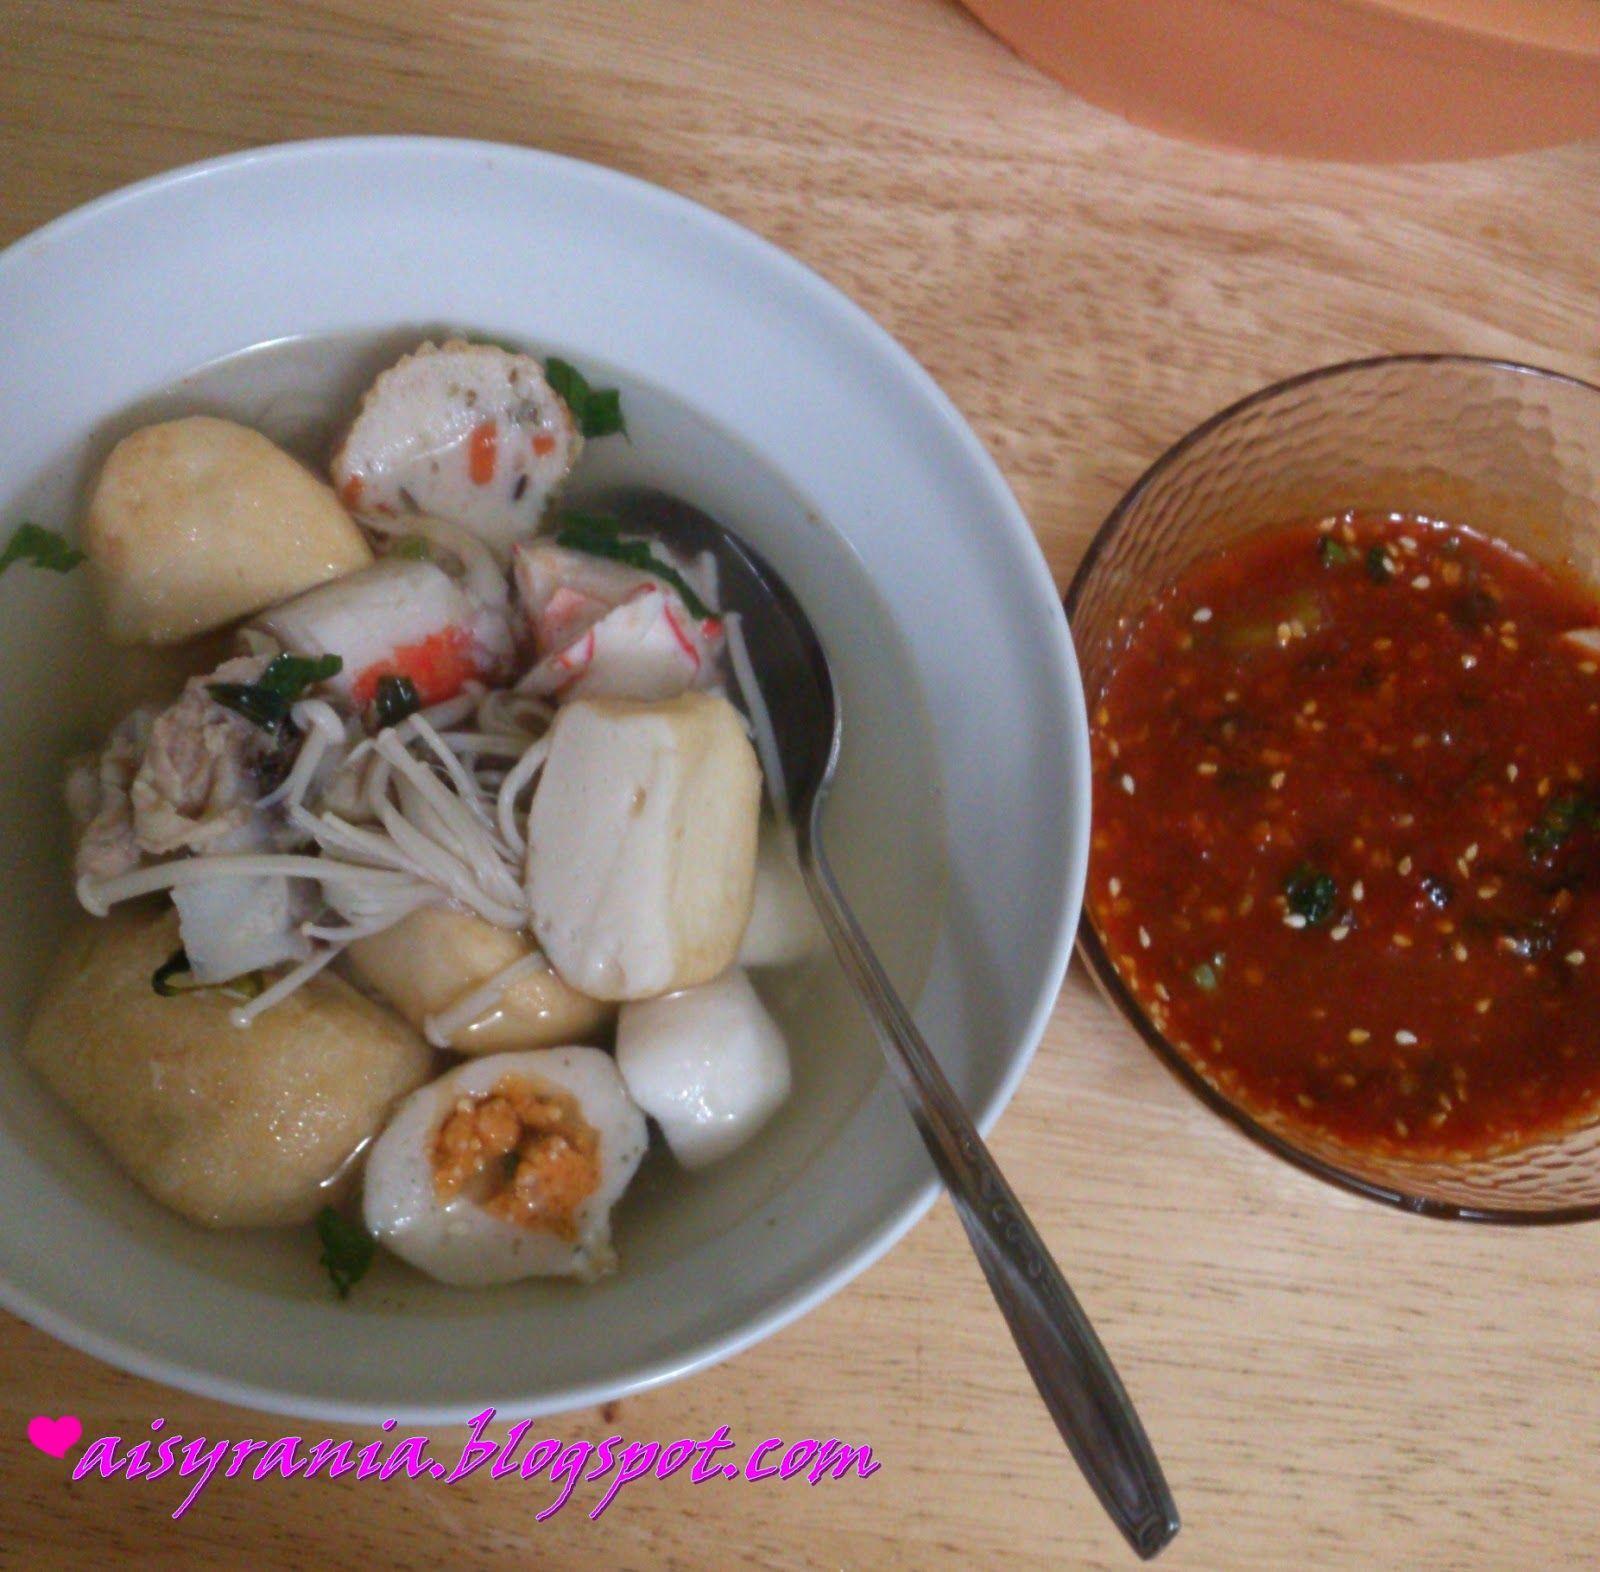 Belog Emak Emak Resepi Steamboat Di Rumah Dengan Sos Ala Johnnys Recipes Food Steamboats